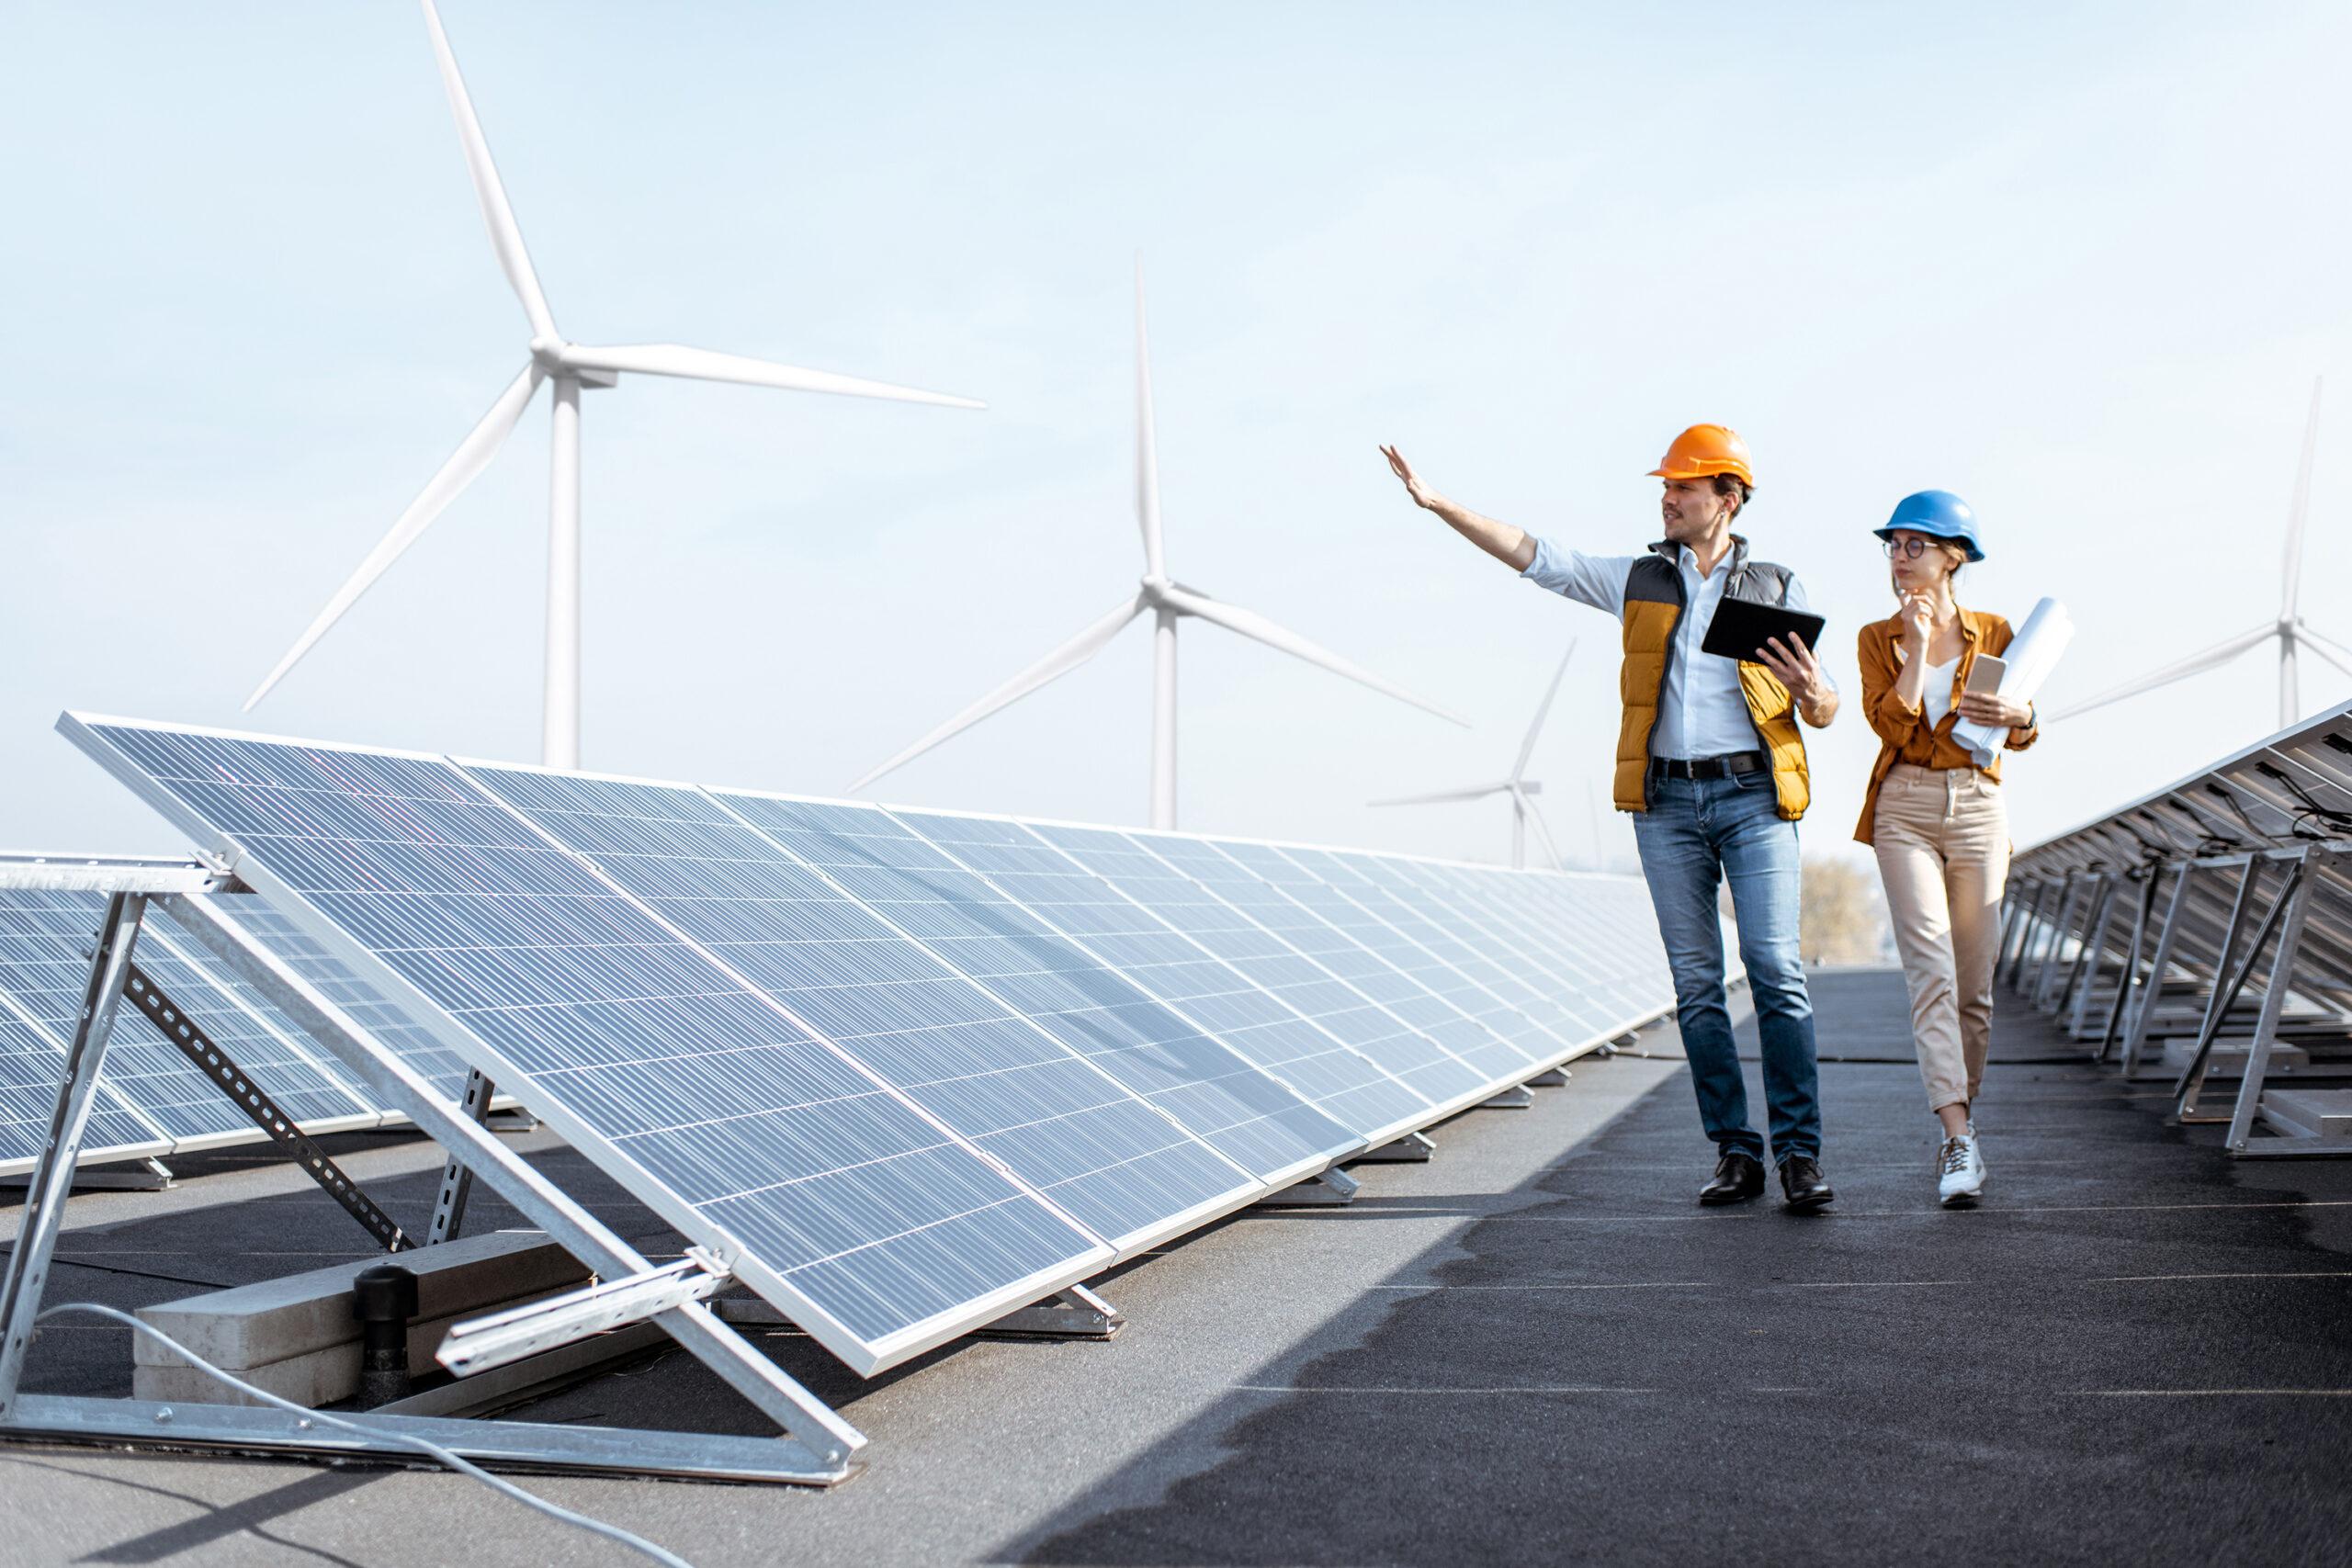 Steuerberatung für Photovoltaik und erneuerbare Enerien